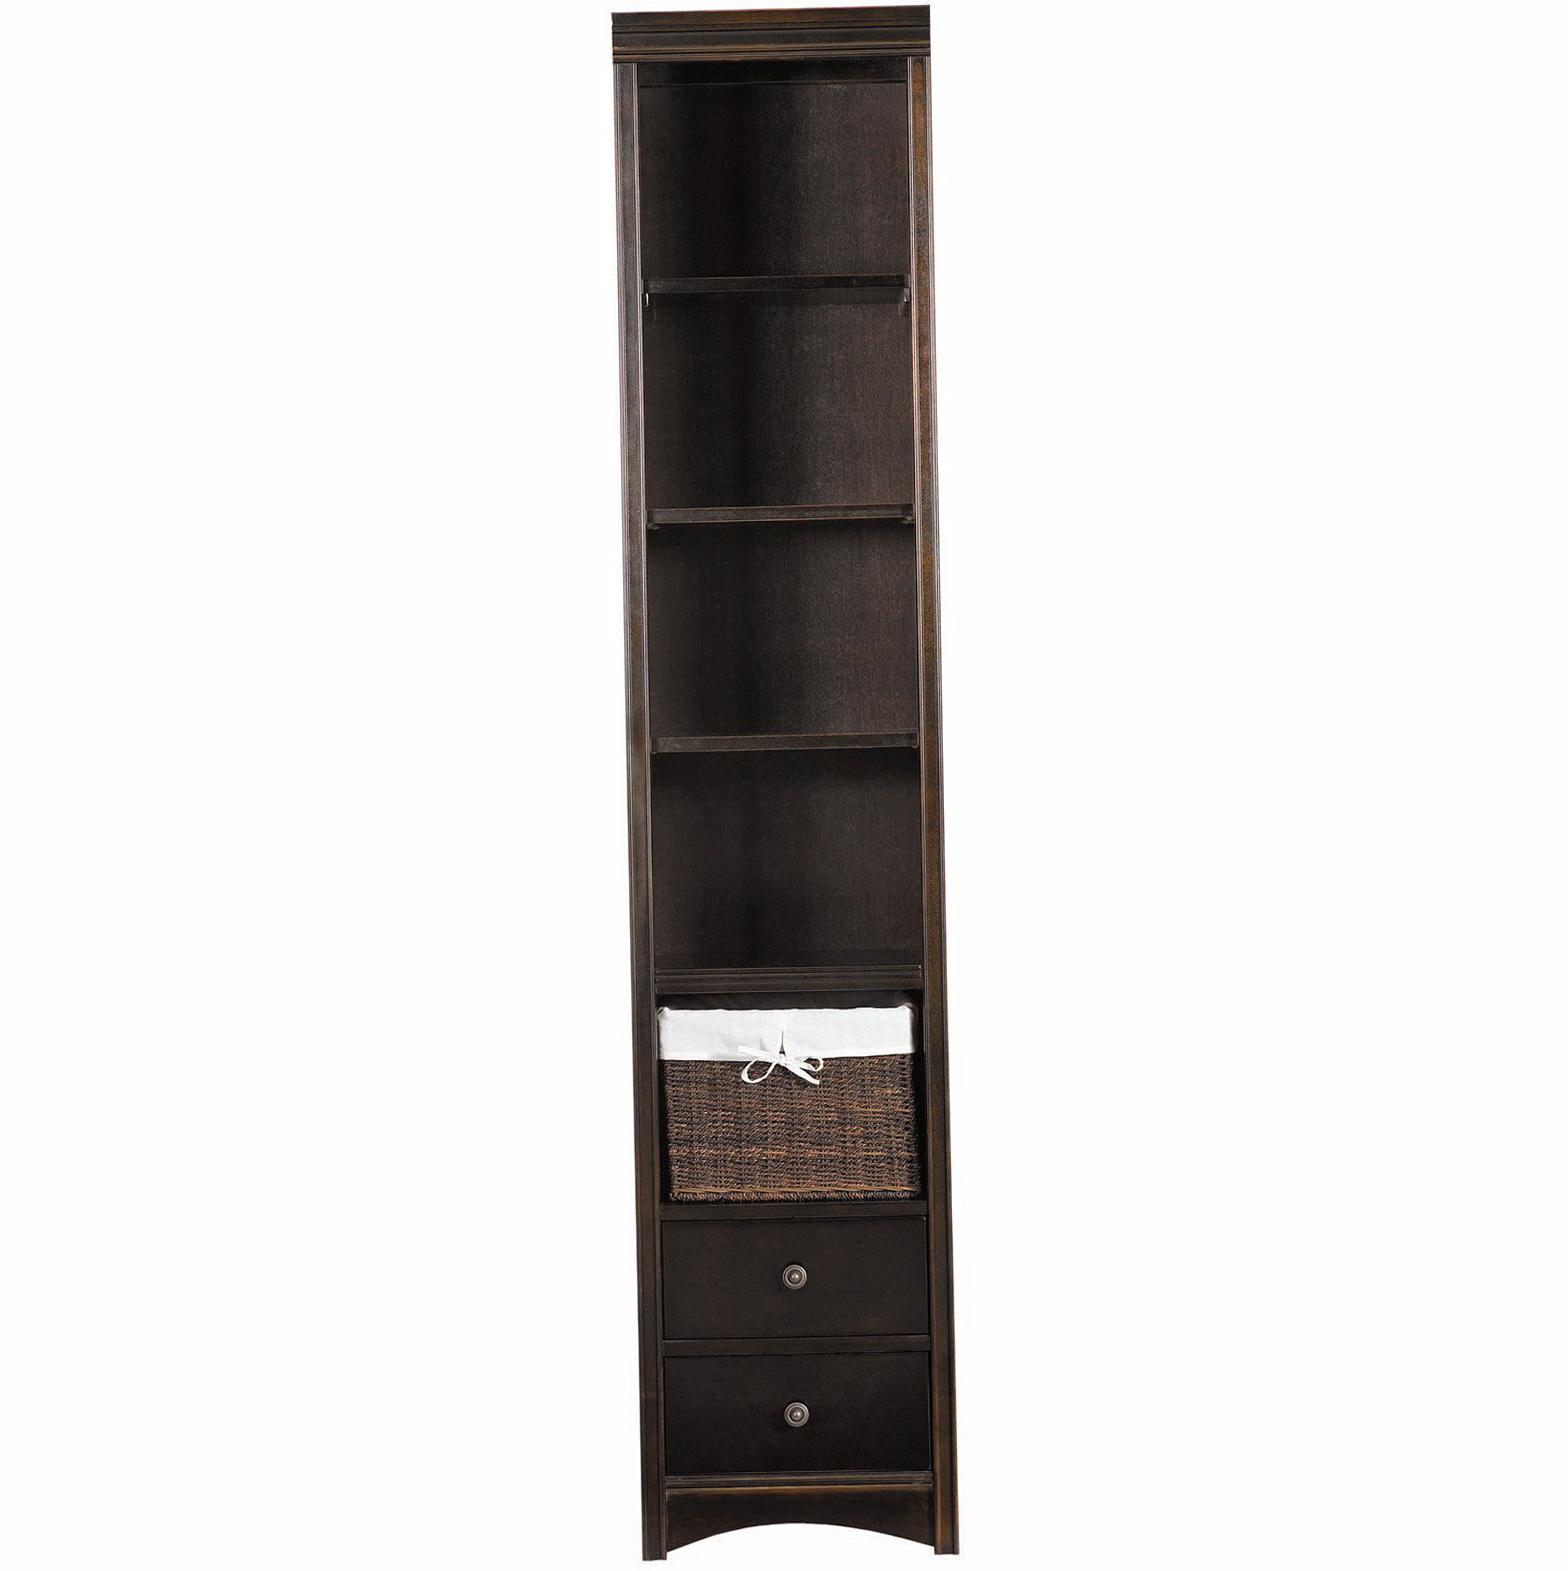 Tall Narrow Bookcase Espresso